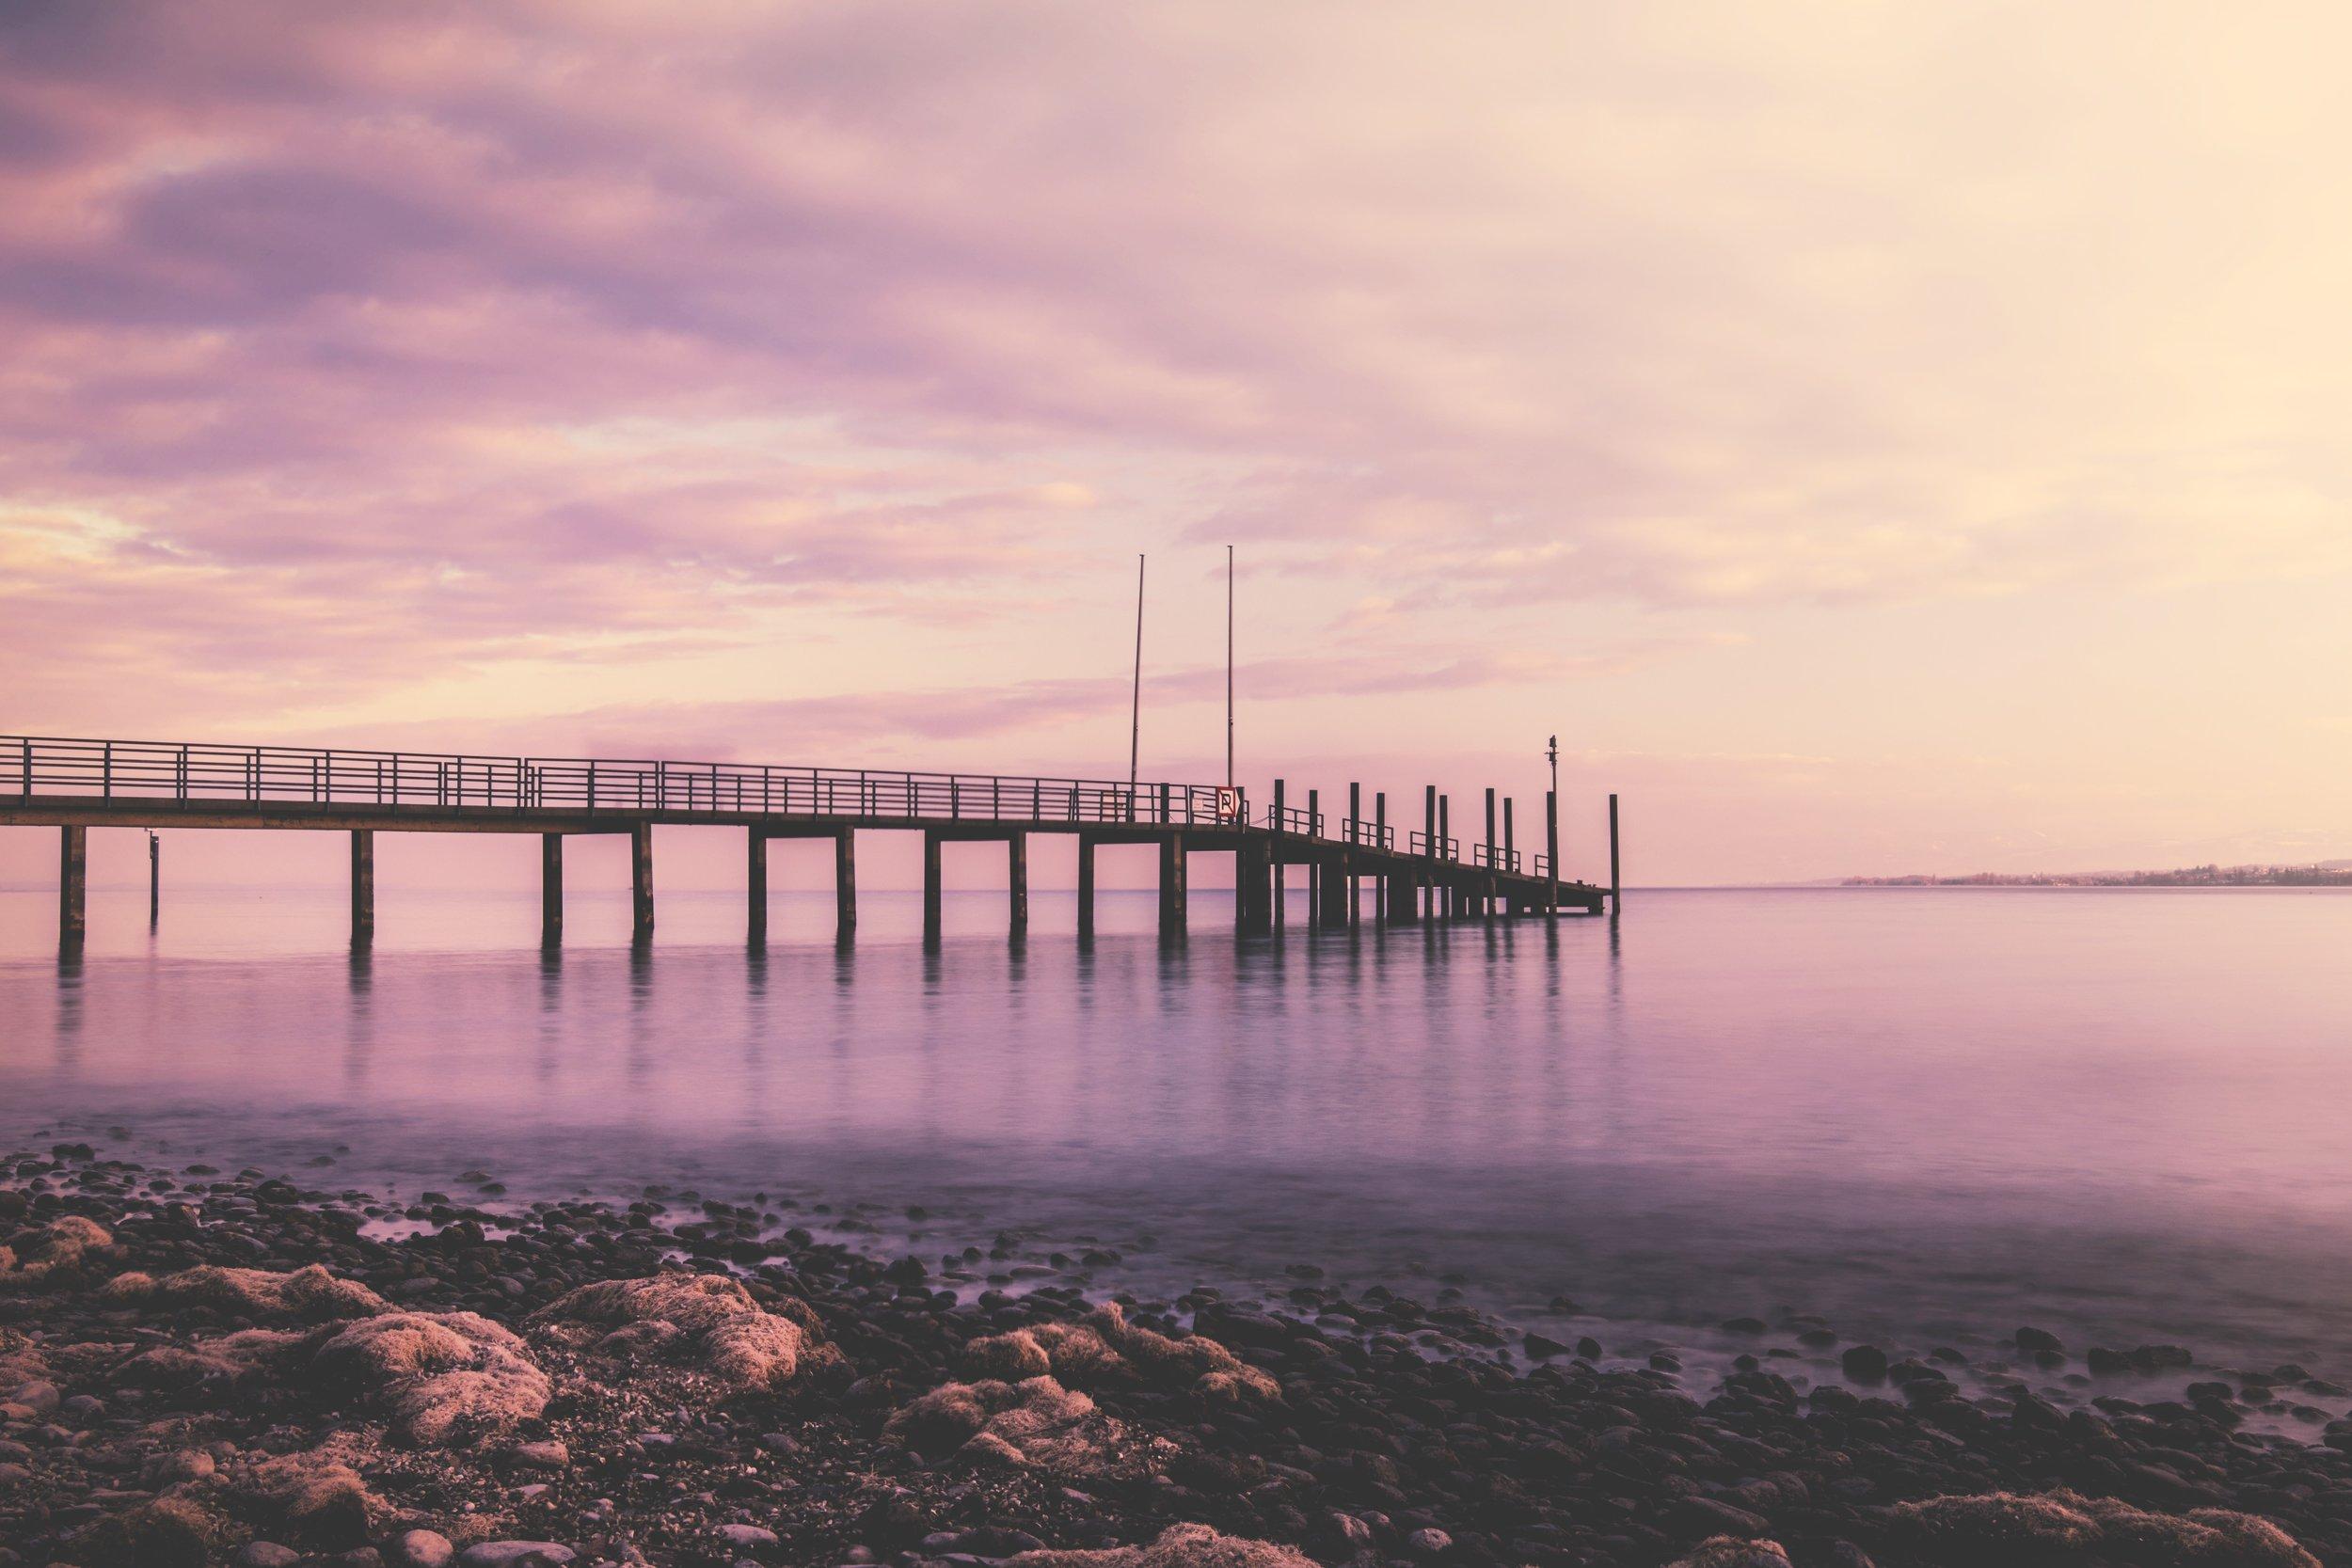 bay-beach-bridge-168803.jpg